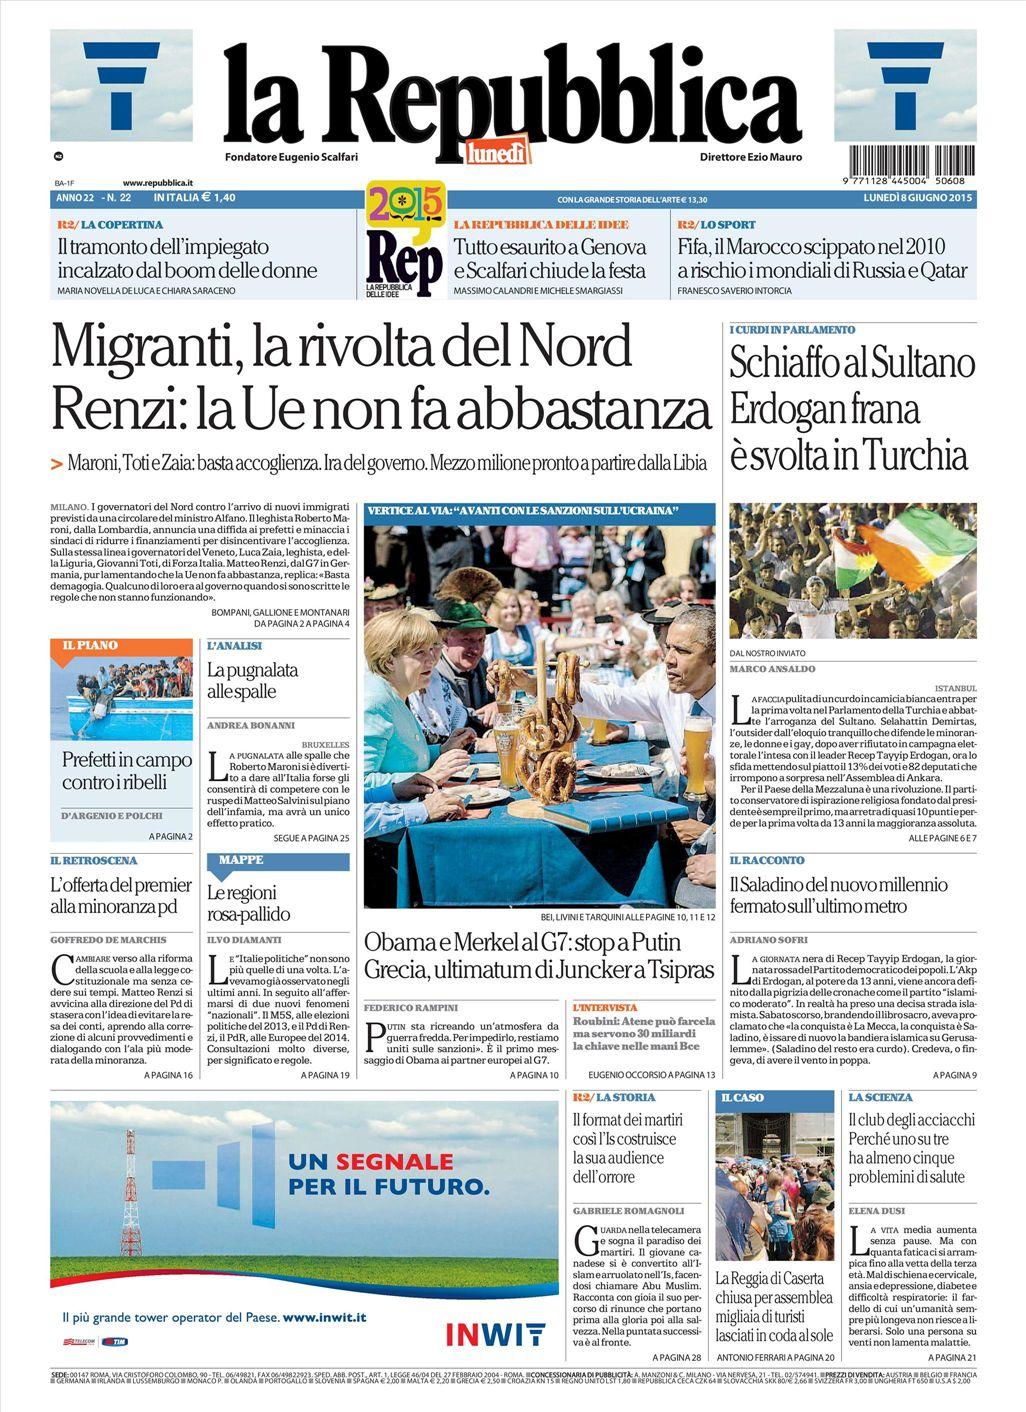 La Repubblica It Nel 2019: Le Prime Pagine Dei Quotidiani Che Sono In Edicola Oggi 8